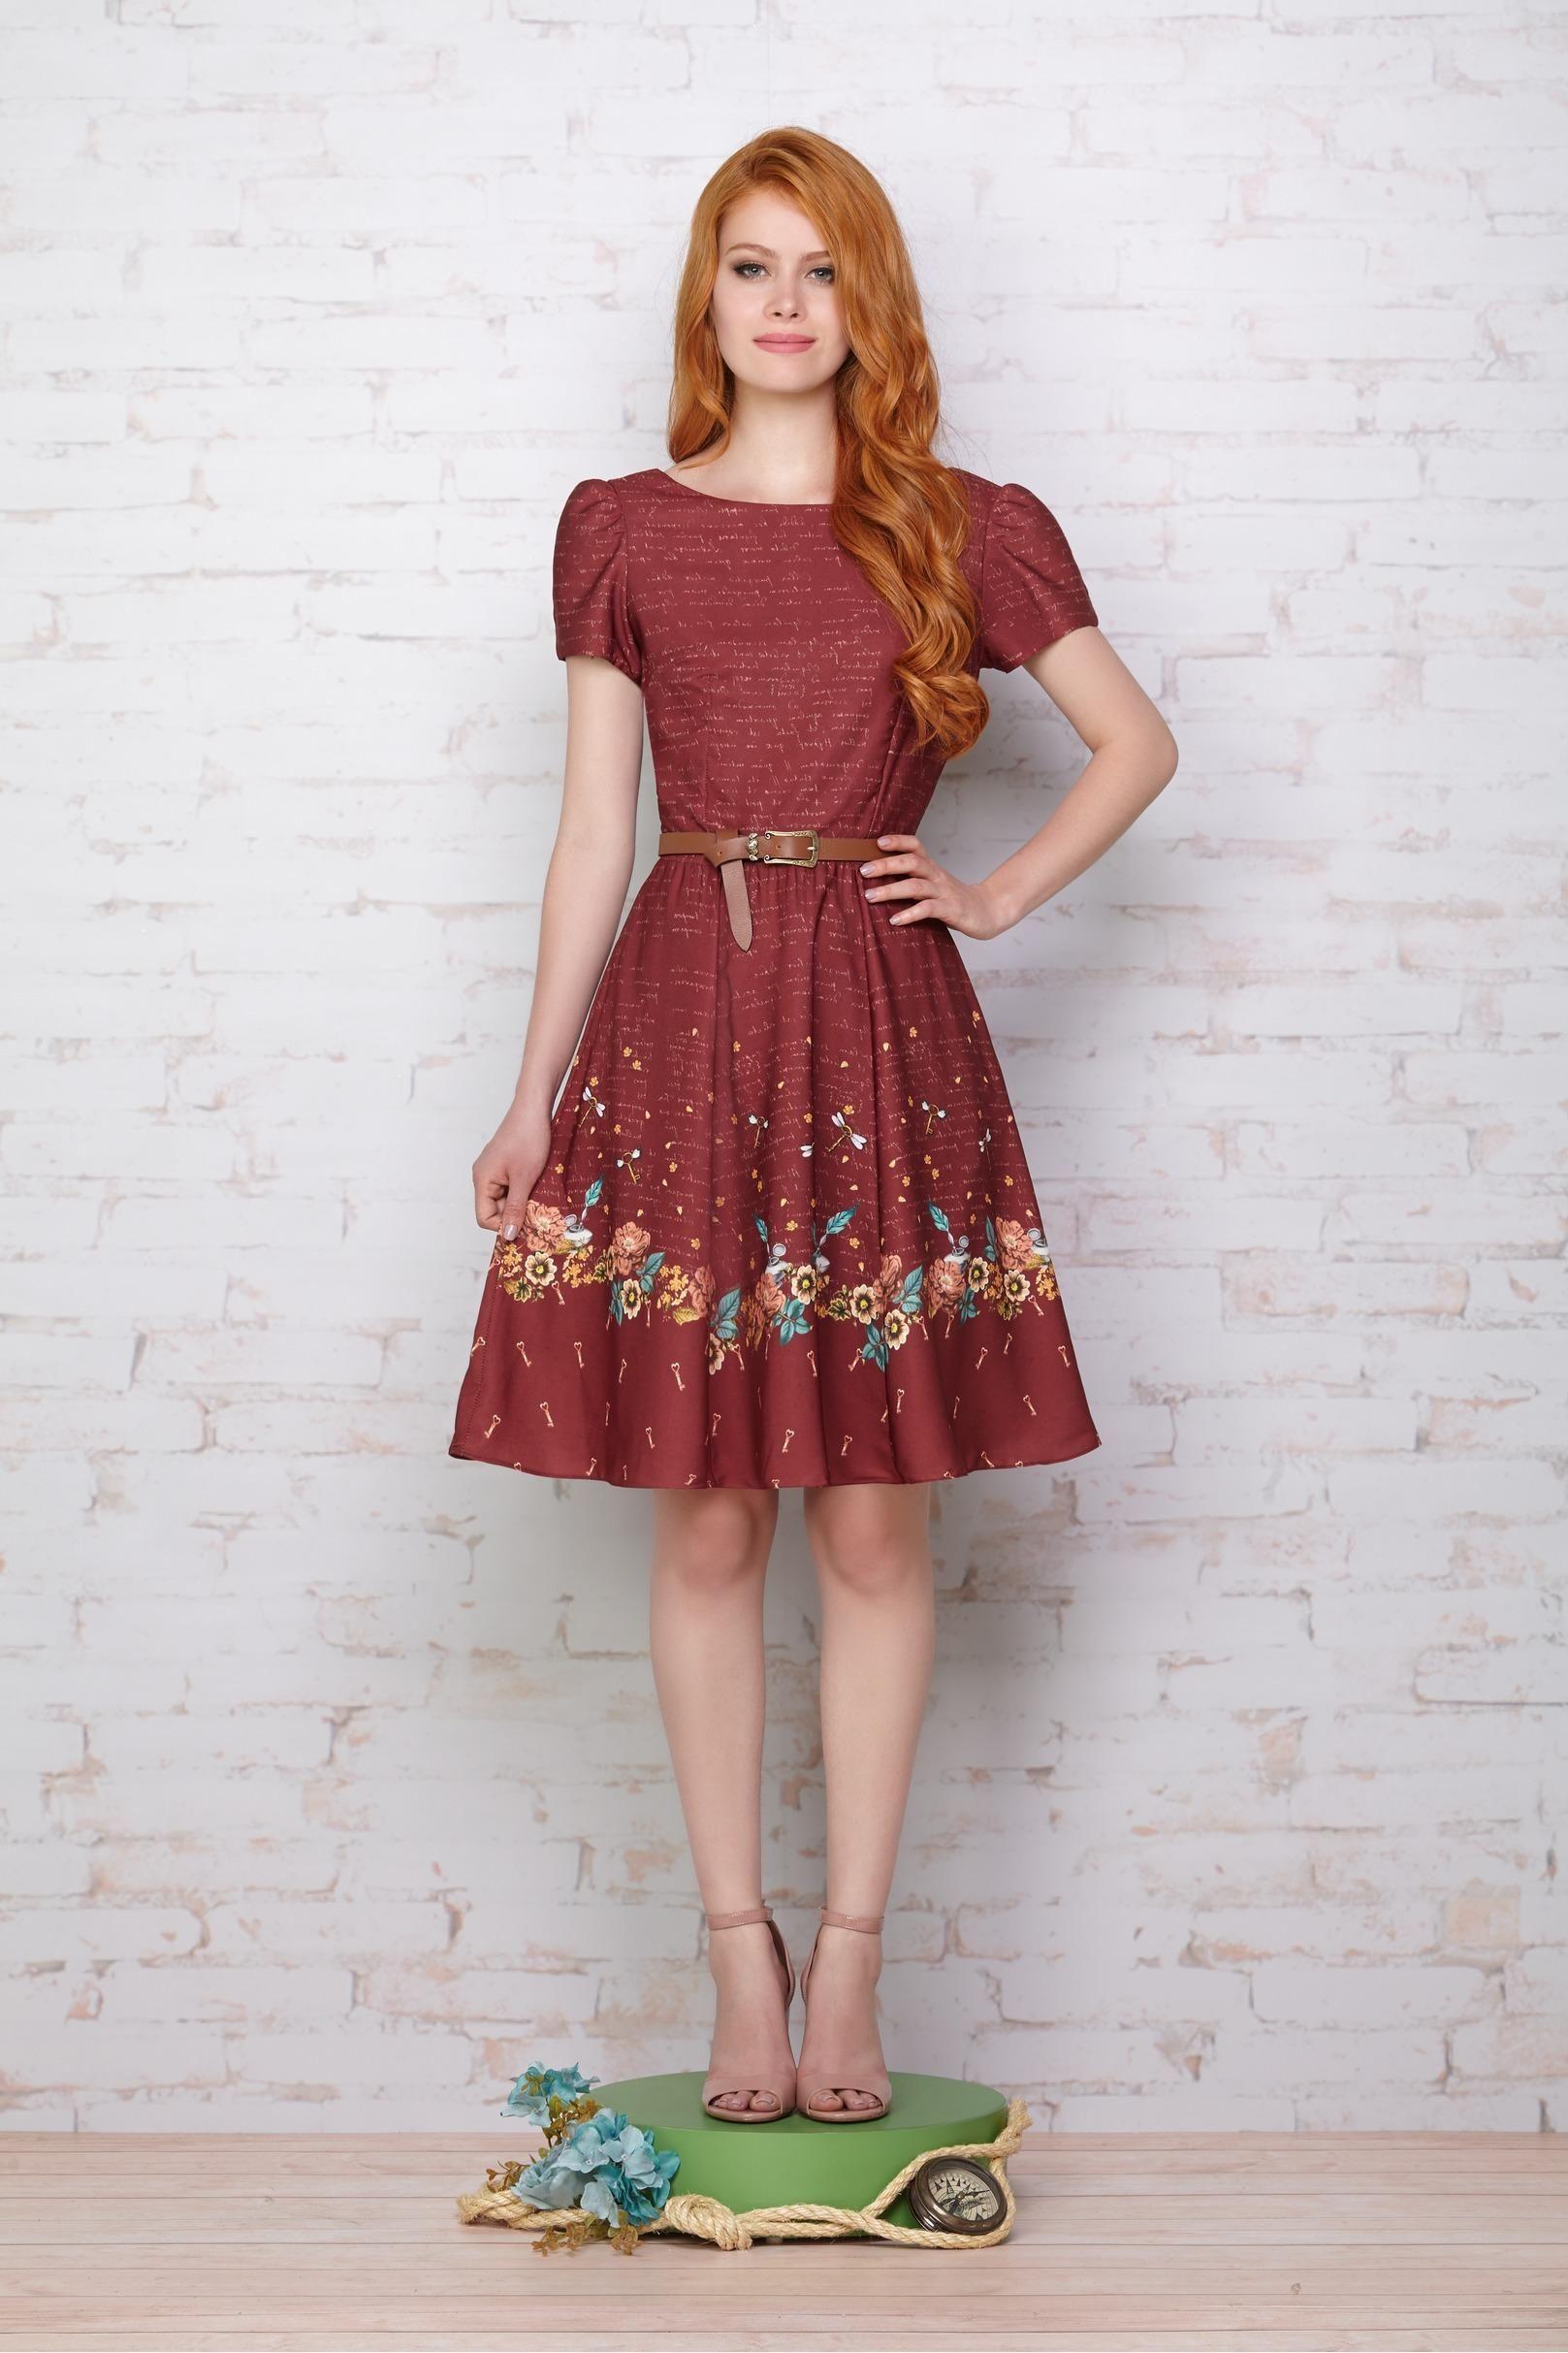 5486ce0a3 Vestido Flores Filosofais | Cuplover | Roupas, Looks femininos e ...